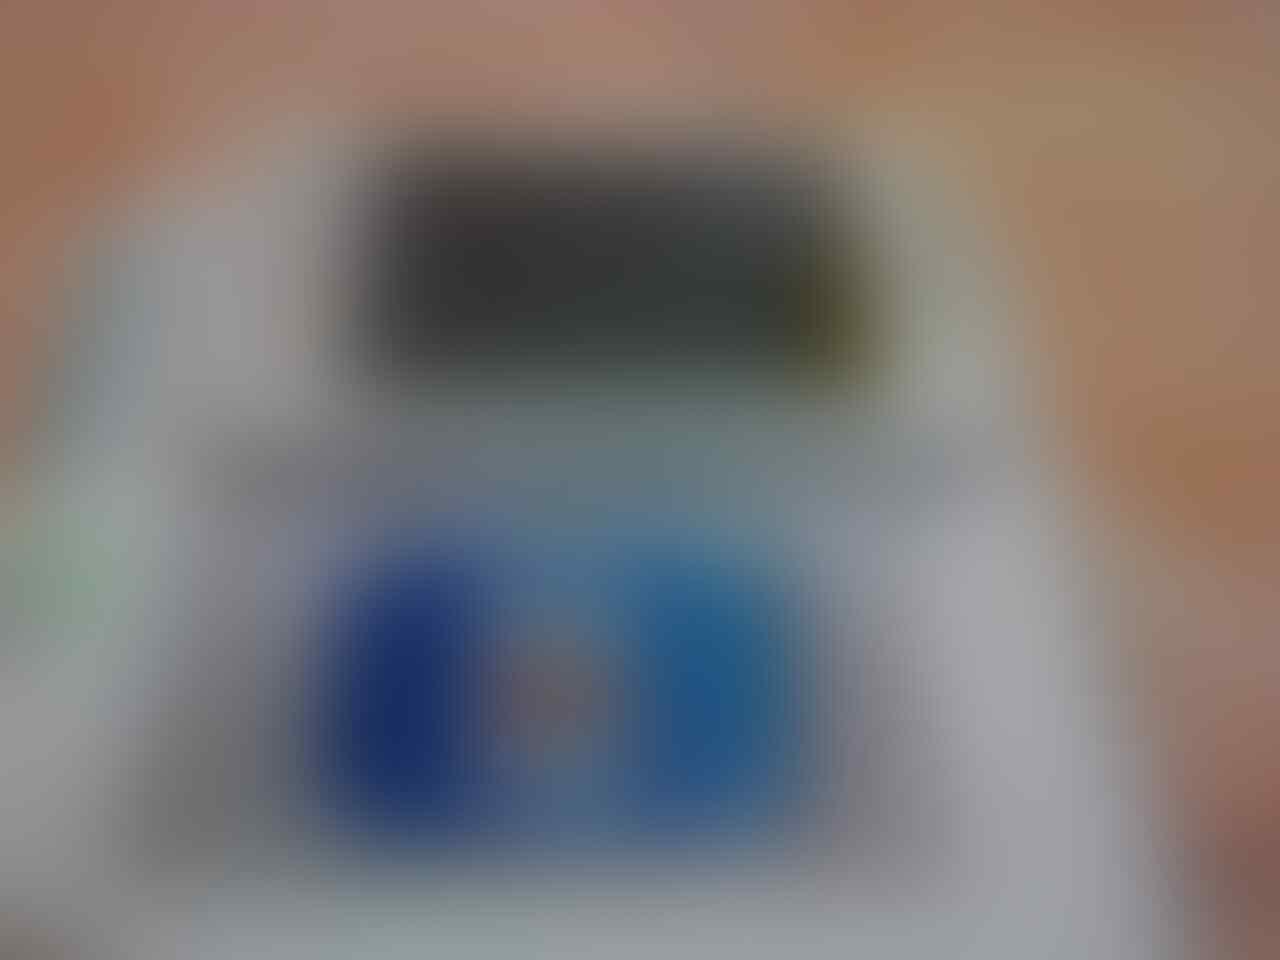 Jual Sony Ericsson Experia X8